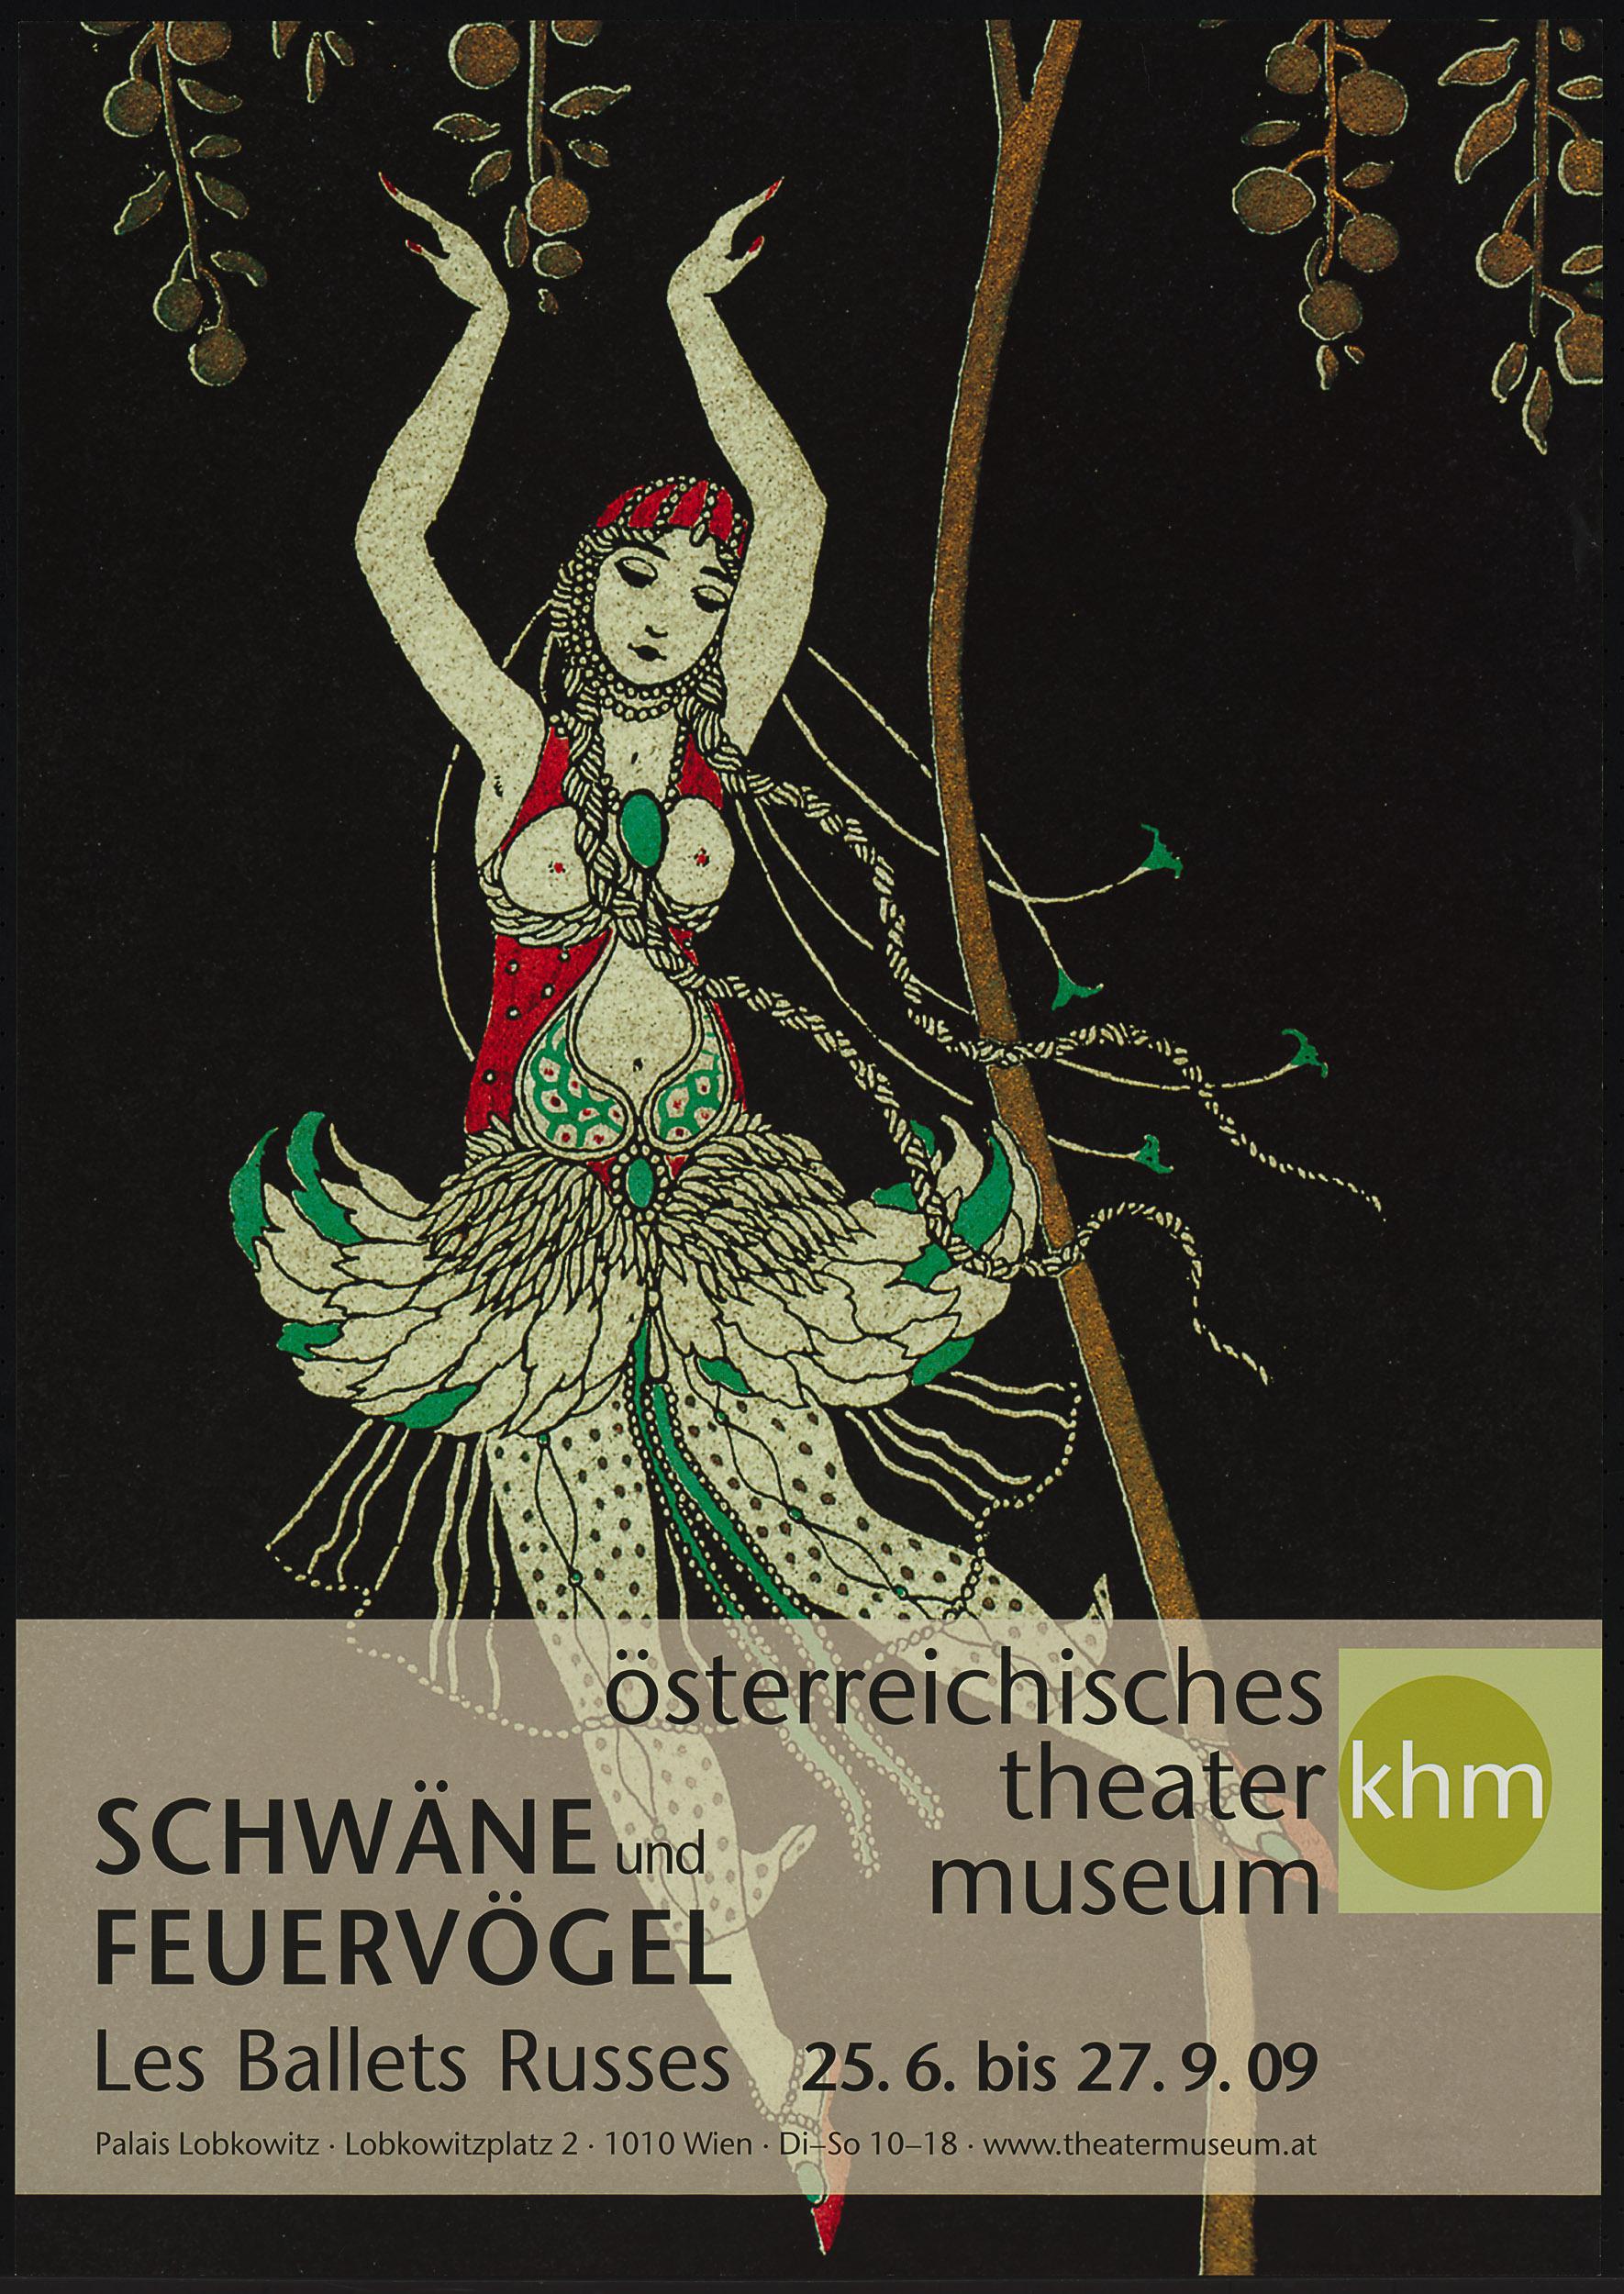 Schwäne und Feuervögel. Les Ballets Russes von Theatermuseum, Wien